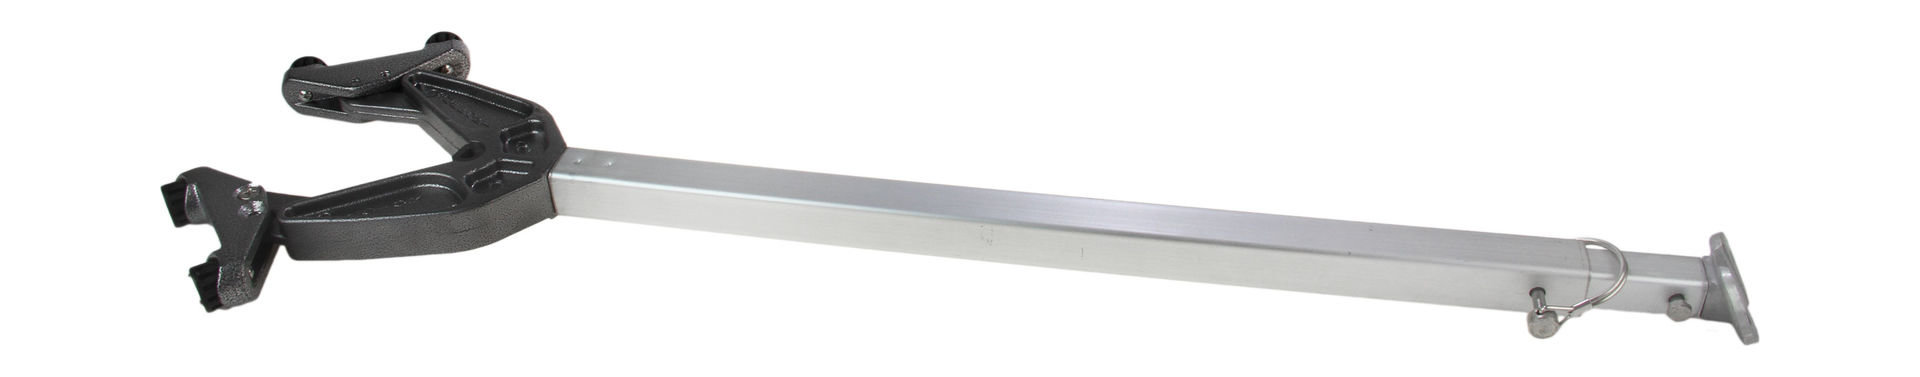 Кронштейн опорный для перевозки ПЛМ на трейлере, прикручиваемый 1780227